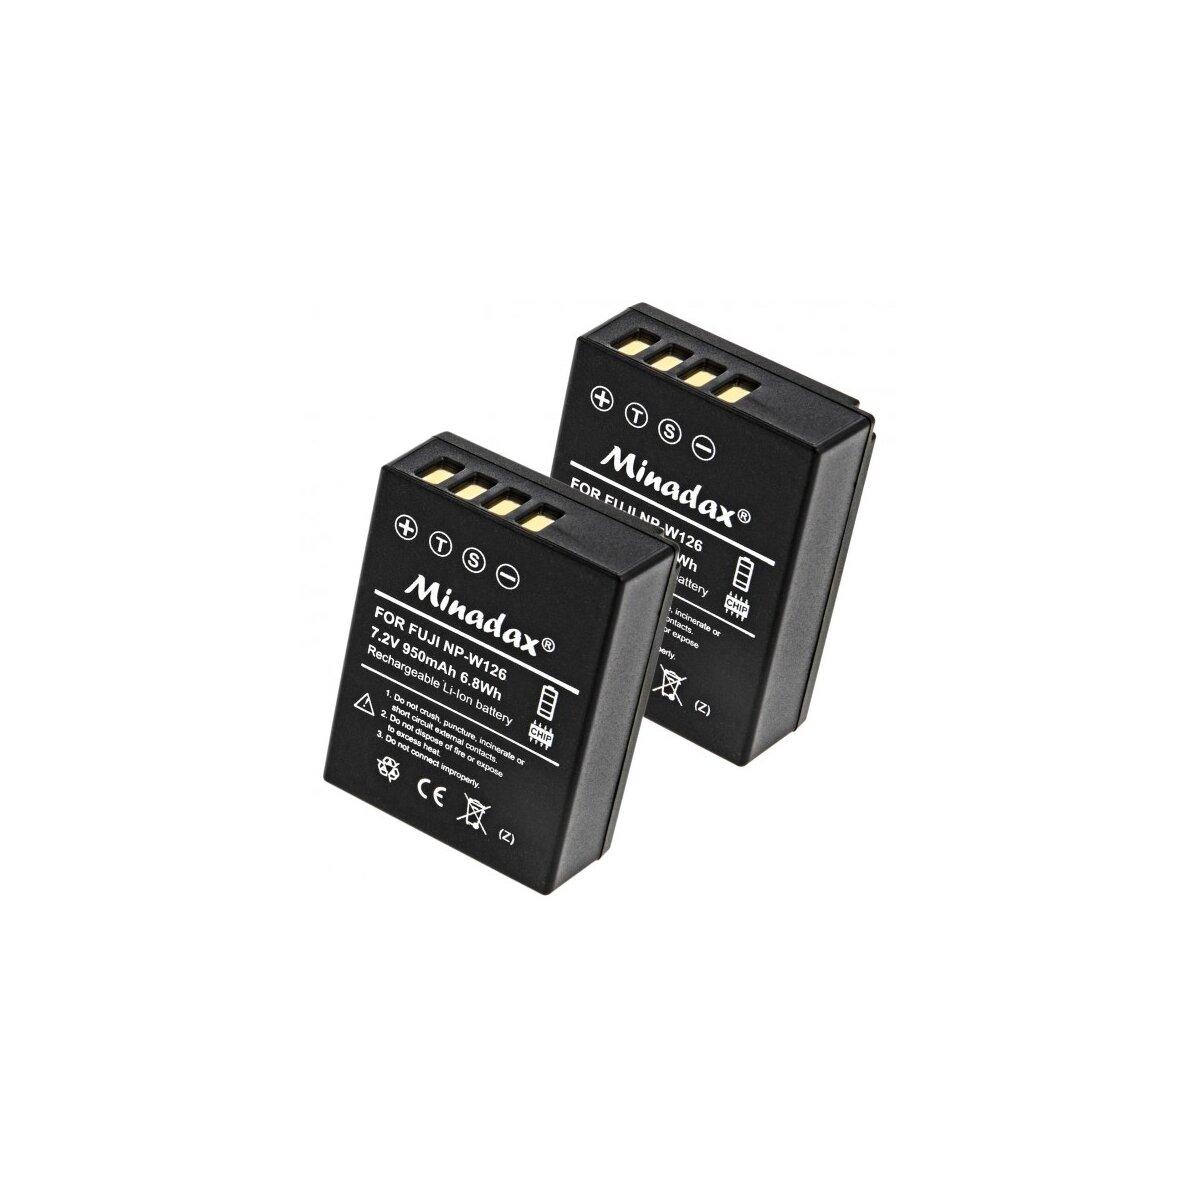 2x Minadax Qualitätsakku mit echten 950 mAh kompatibel für FujiFilm FinePix HS30EXR, HS33EXR, HS50EXR, X-A1, X-E1, X-E2, X-M1, X-Pro1, Ersatz für NP-W126 - Intelligentes Akkusystem mit Chip